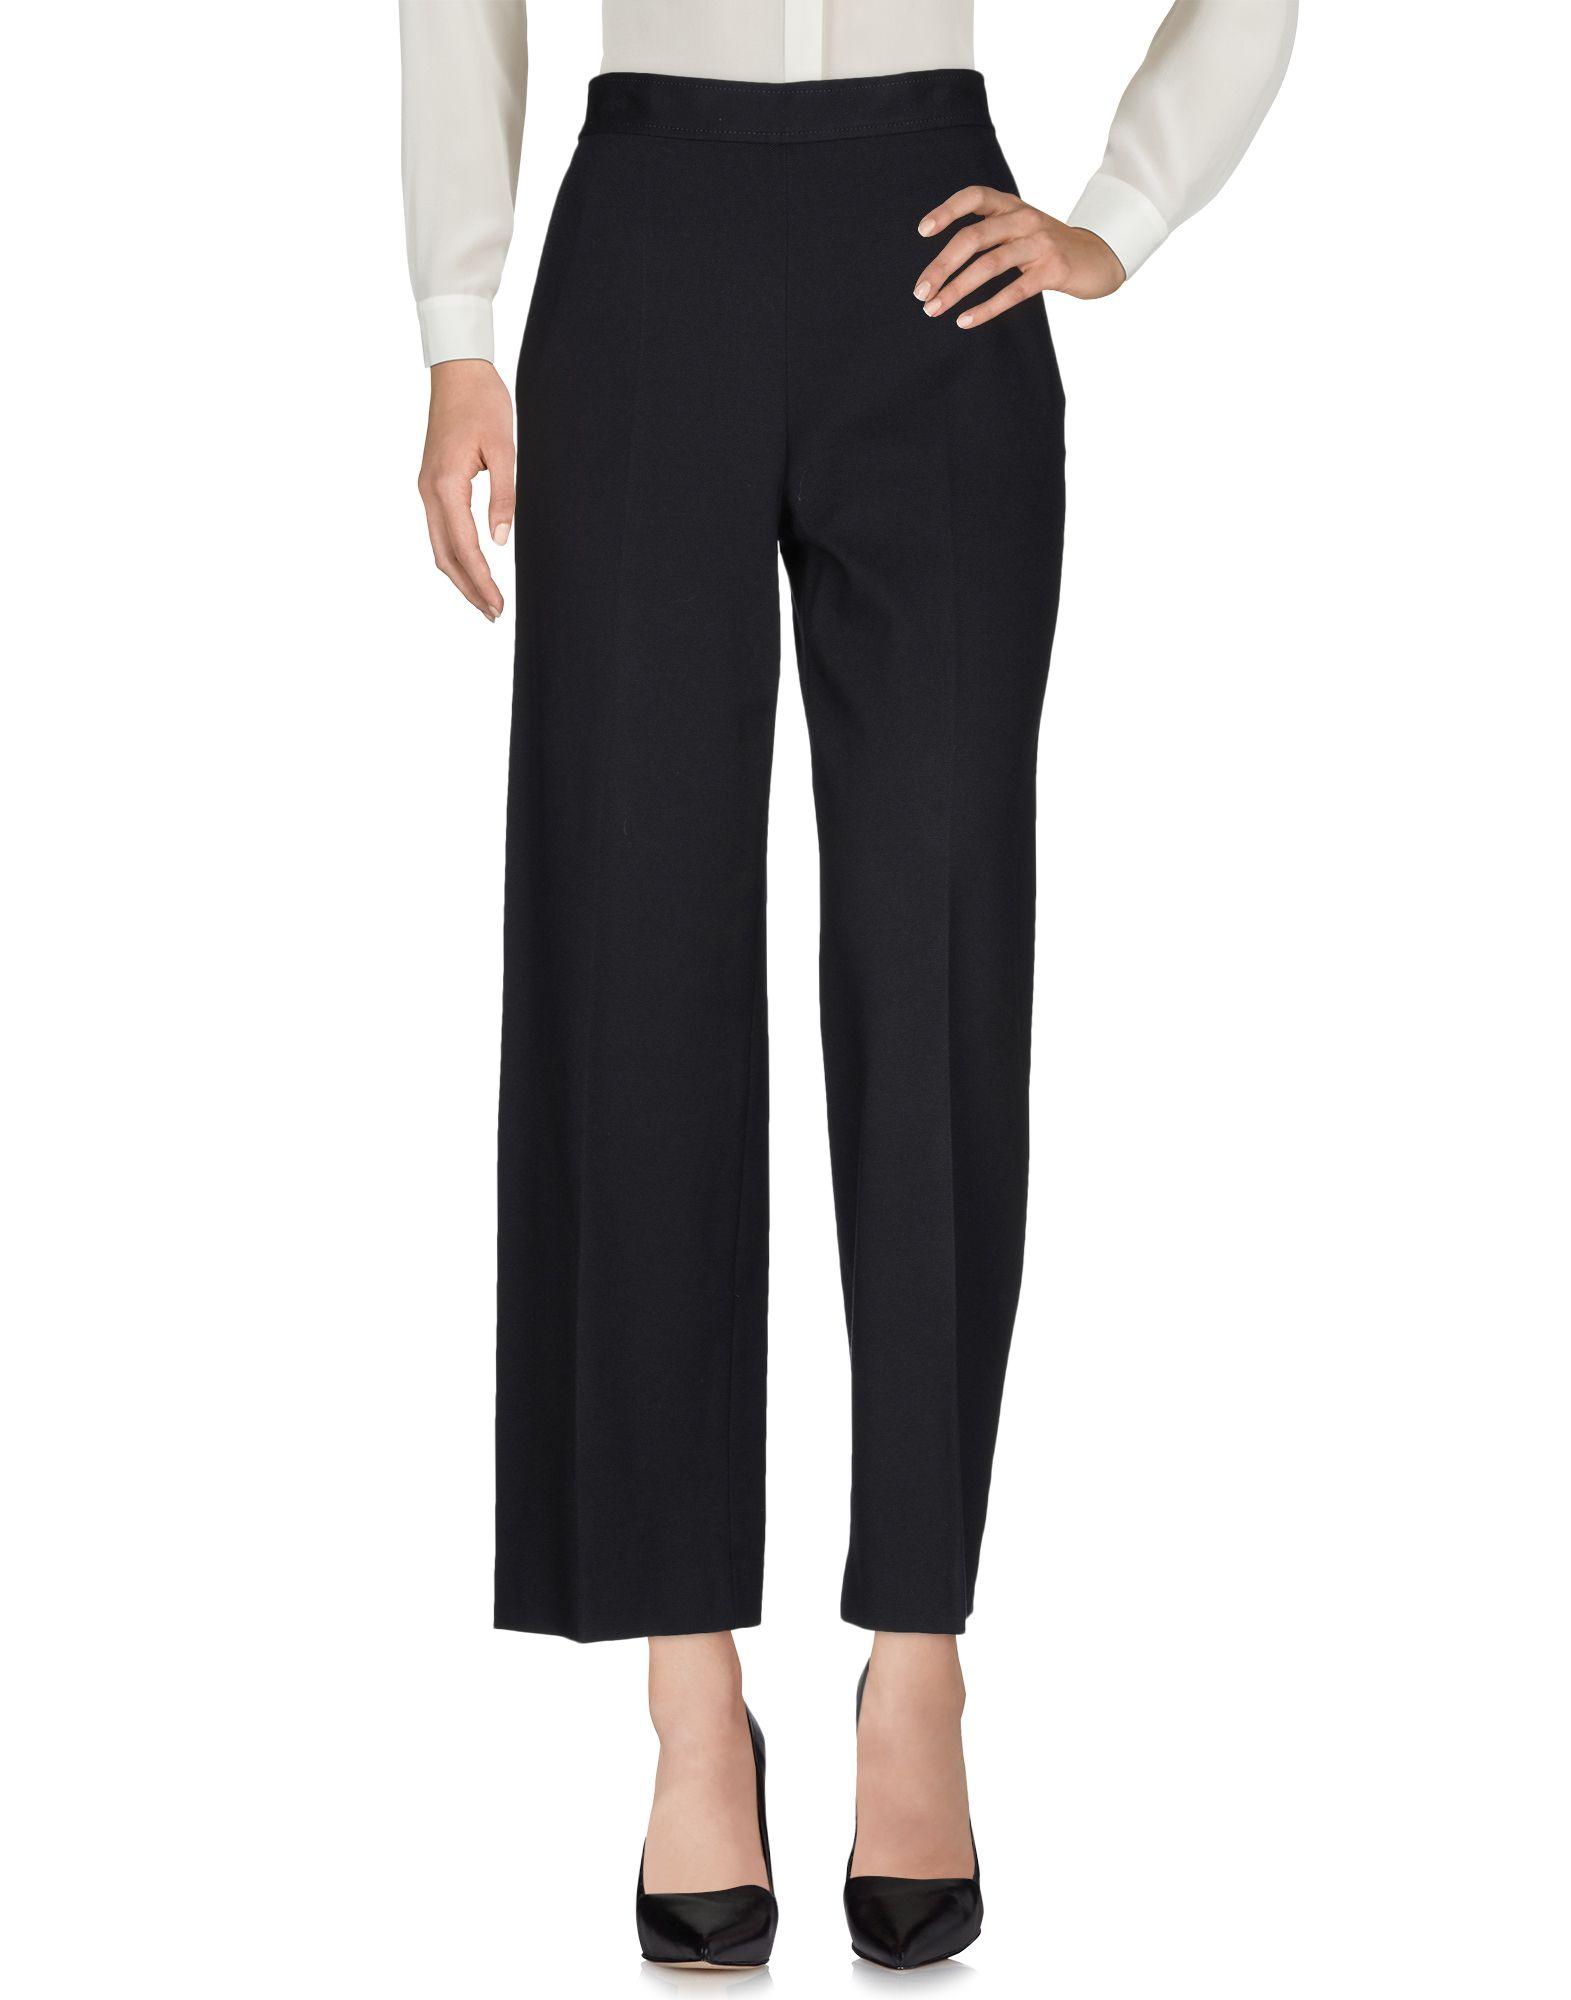 M MISSONI Повседневные брюки брюки широкие из саржи стрейч